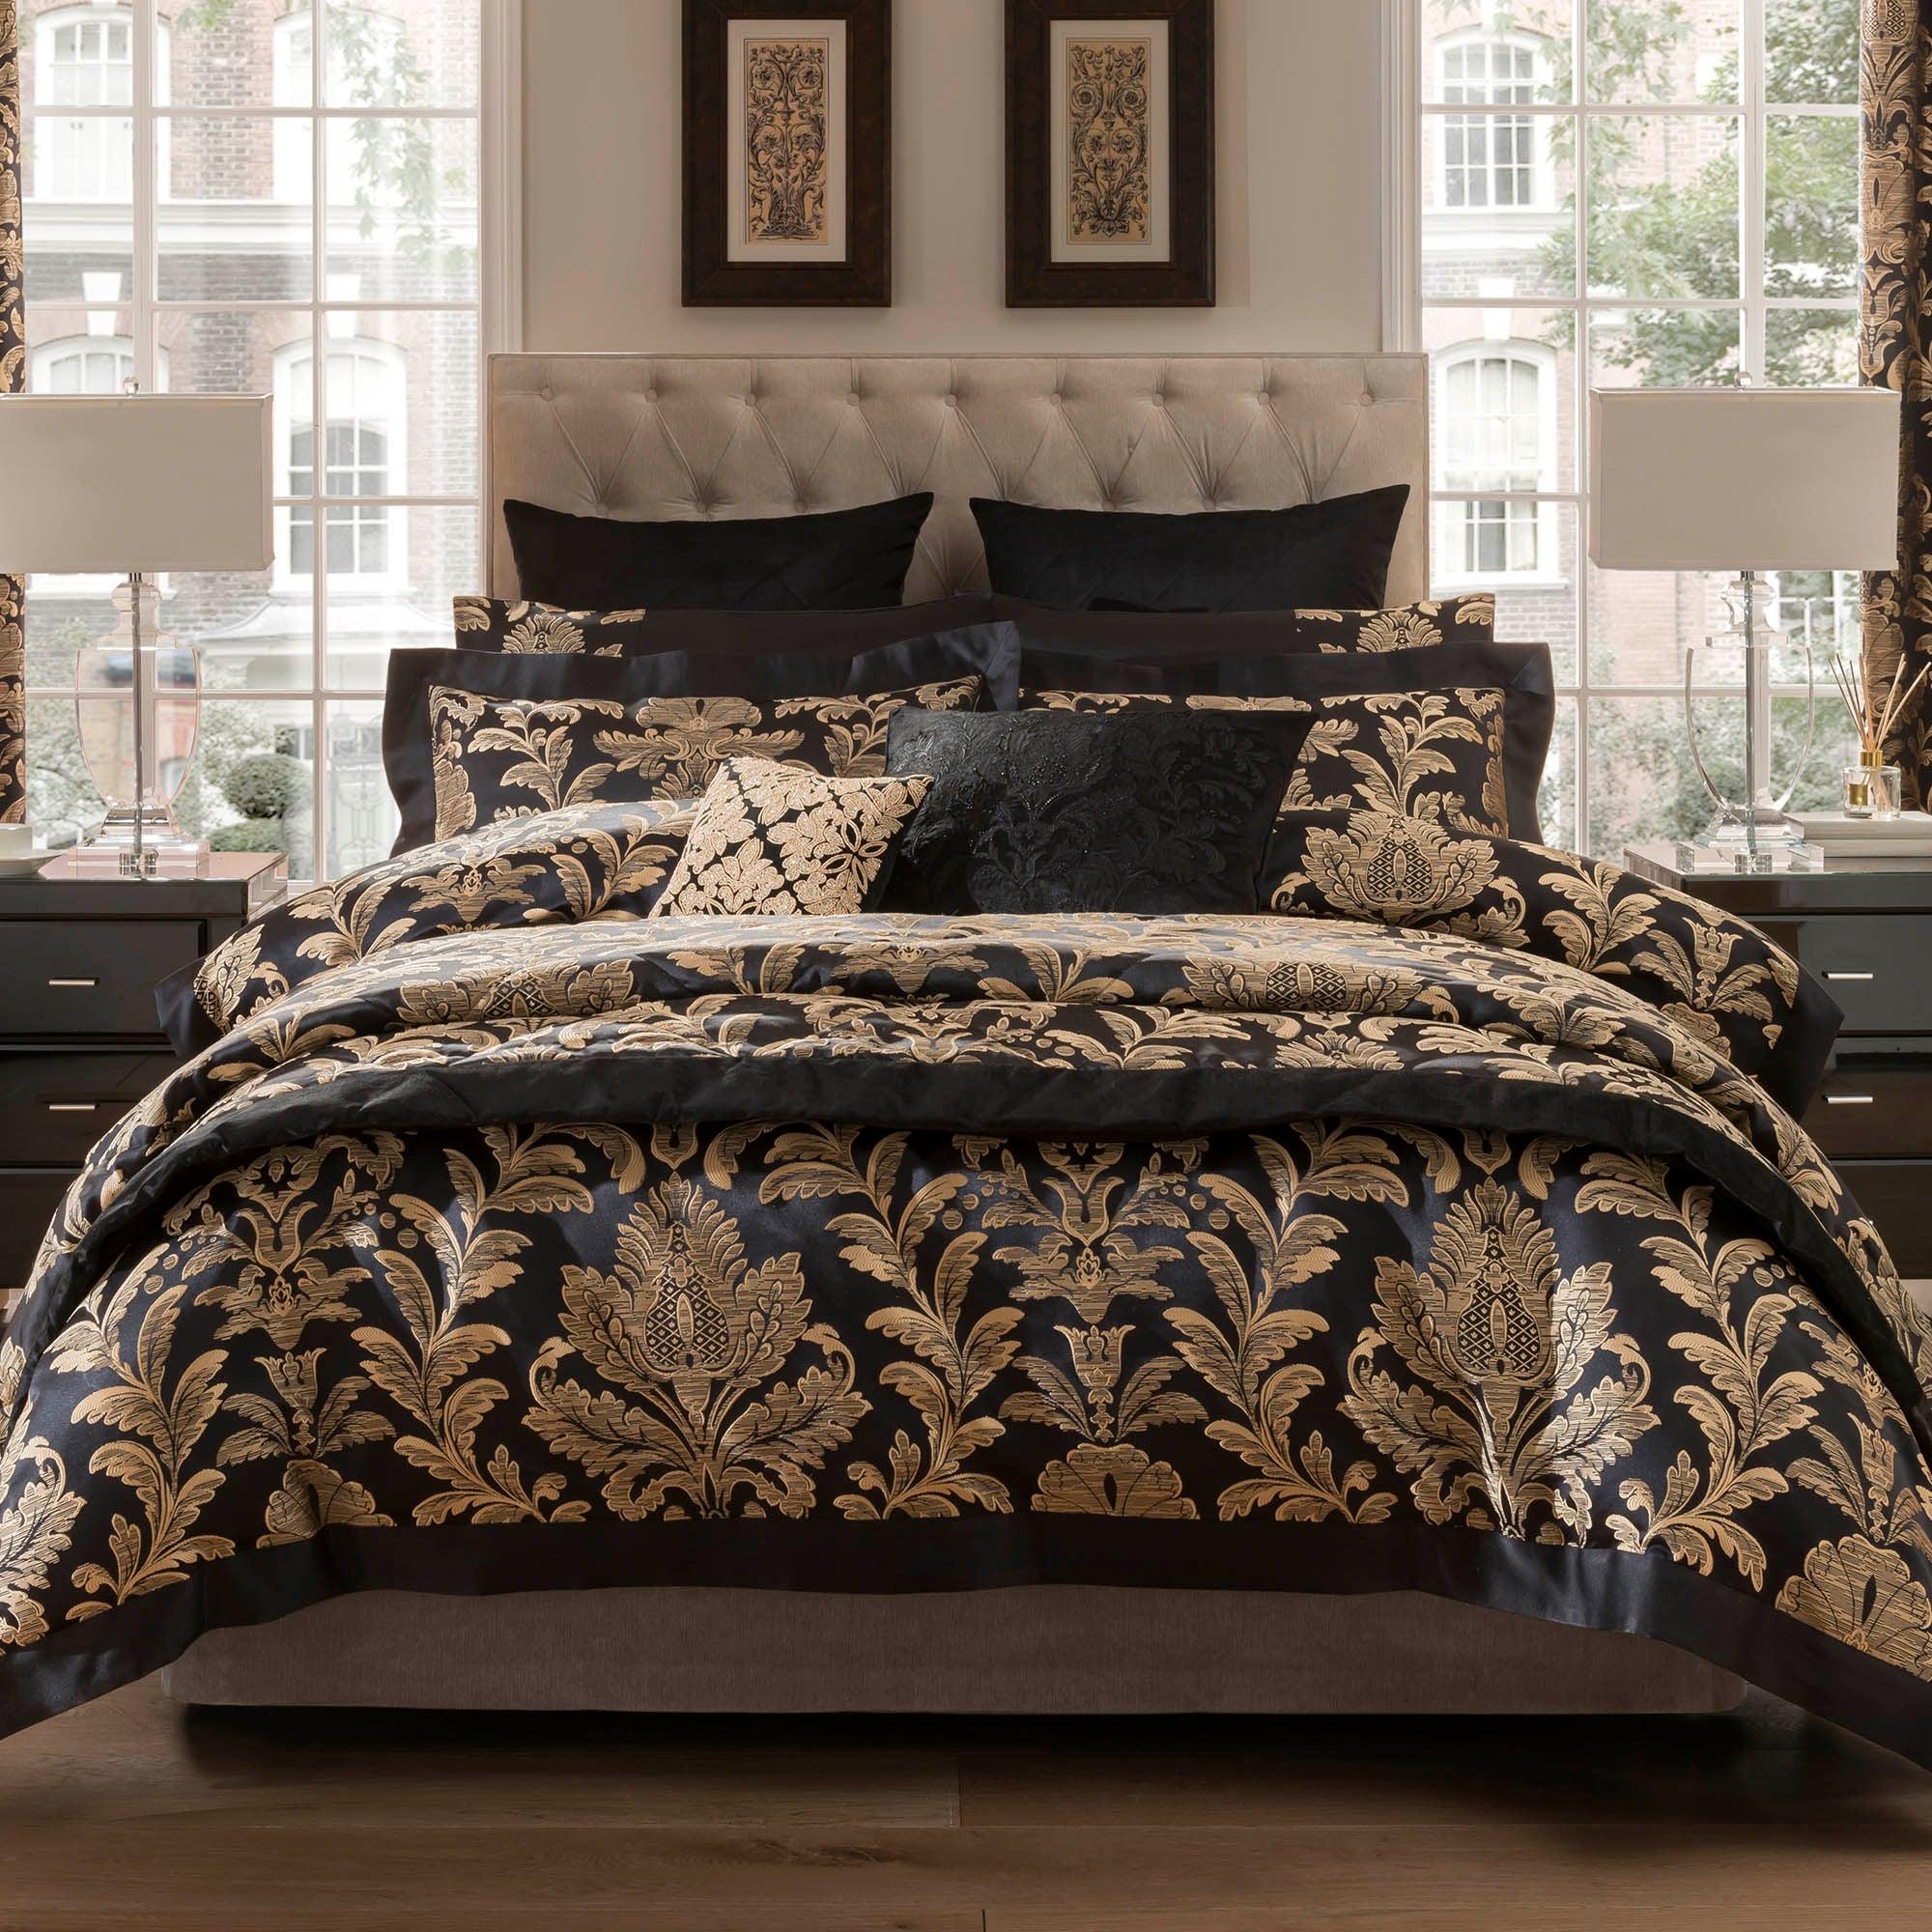 Dorma Blenheim Bed Linen Collection Dunelm